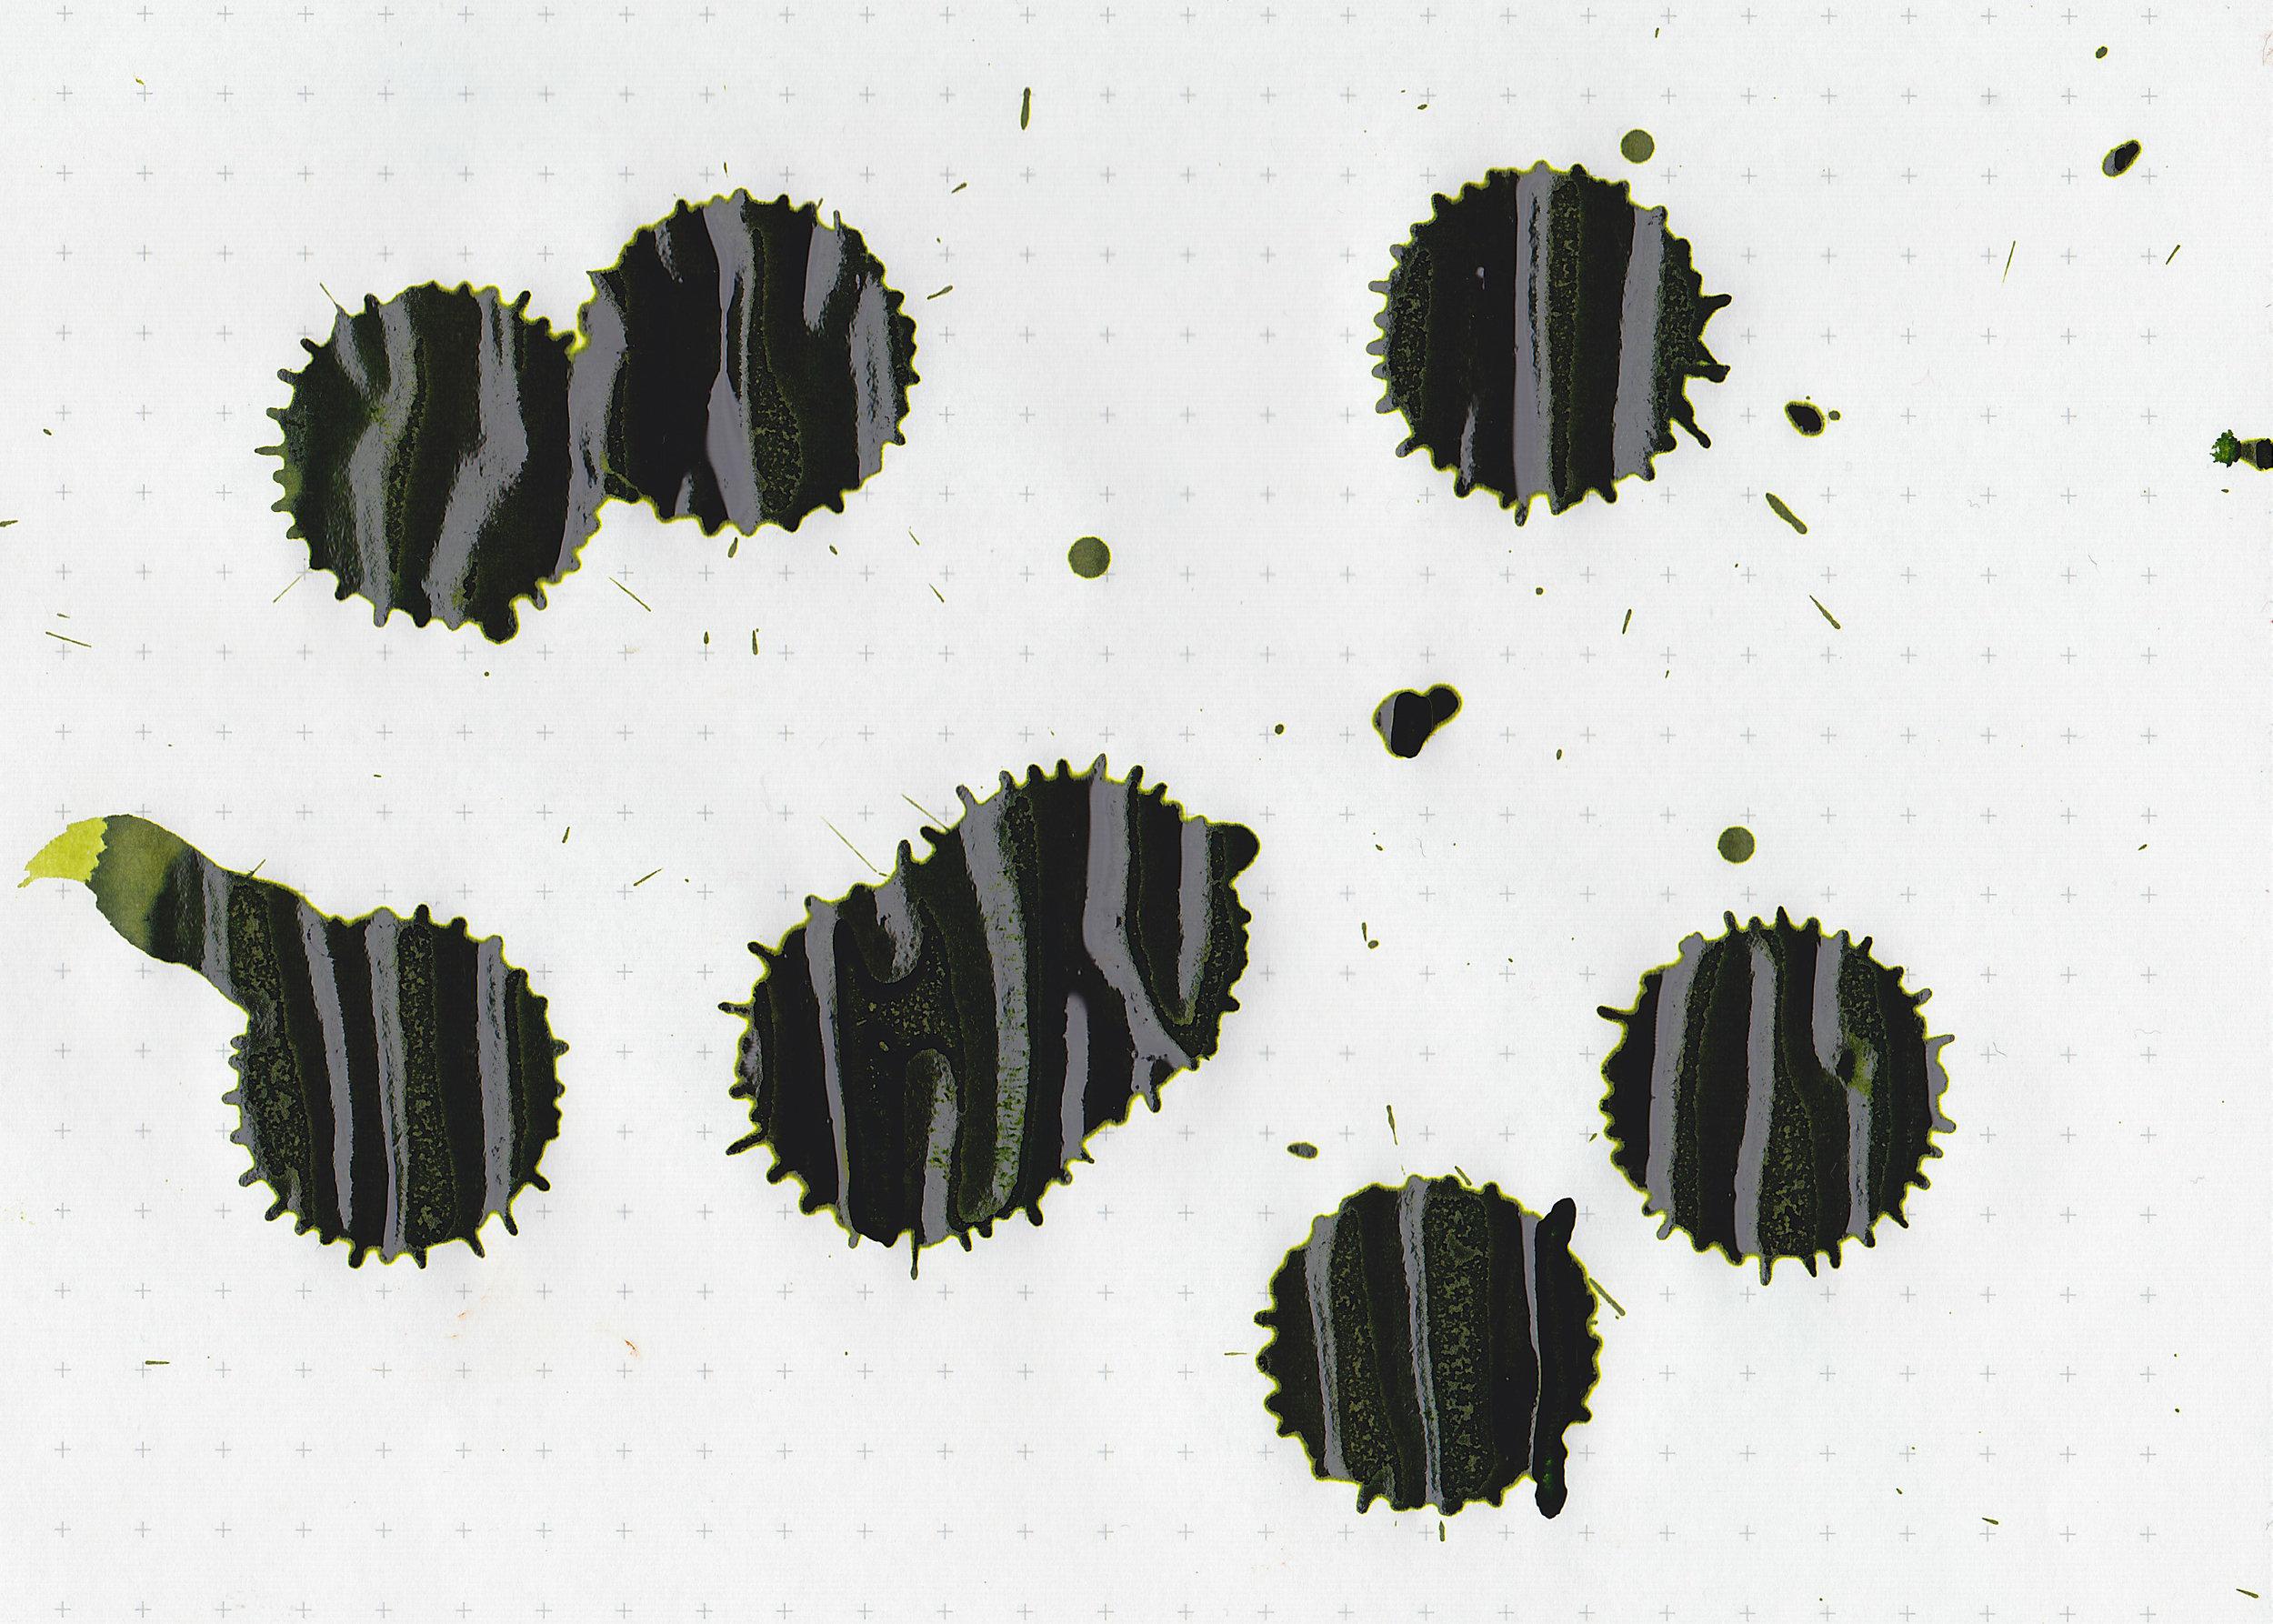 nood-army-13.jpg